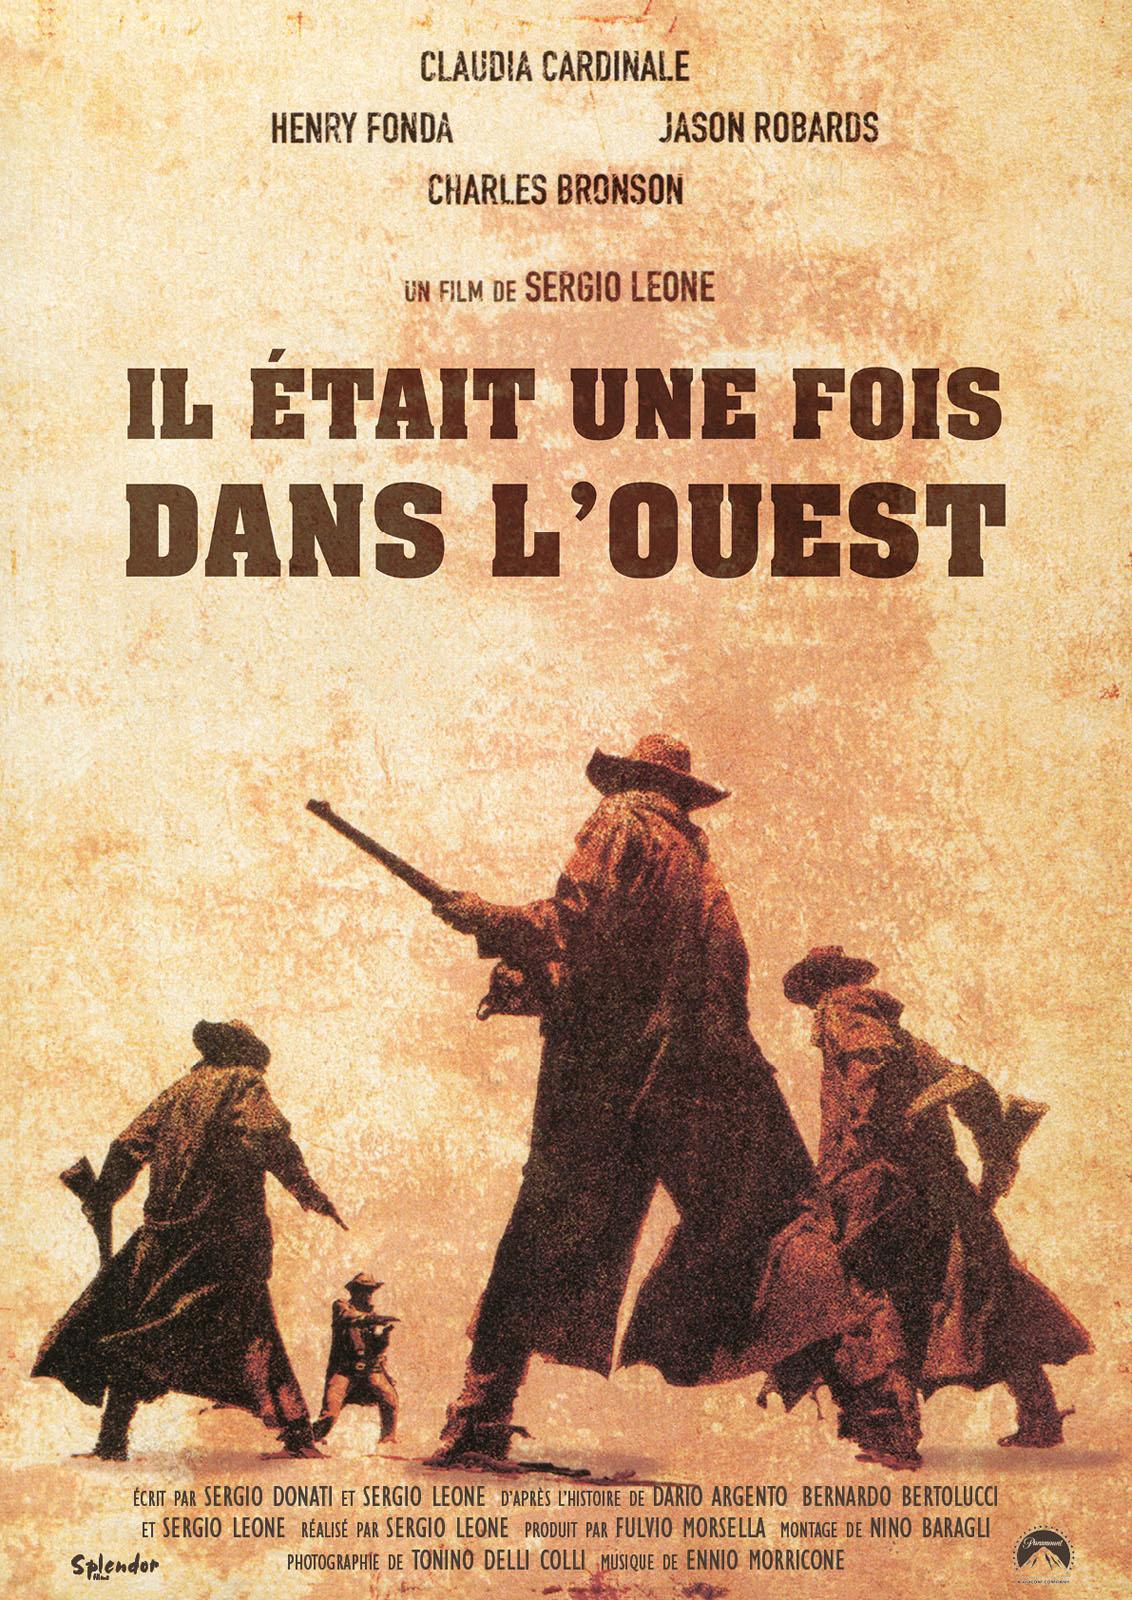 Film Western Complet En Francais Gratuit Charles Bronson : western, complet, francais, gratuit, charles, bronson, était, L'Ouest, AlloCiné